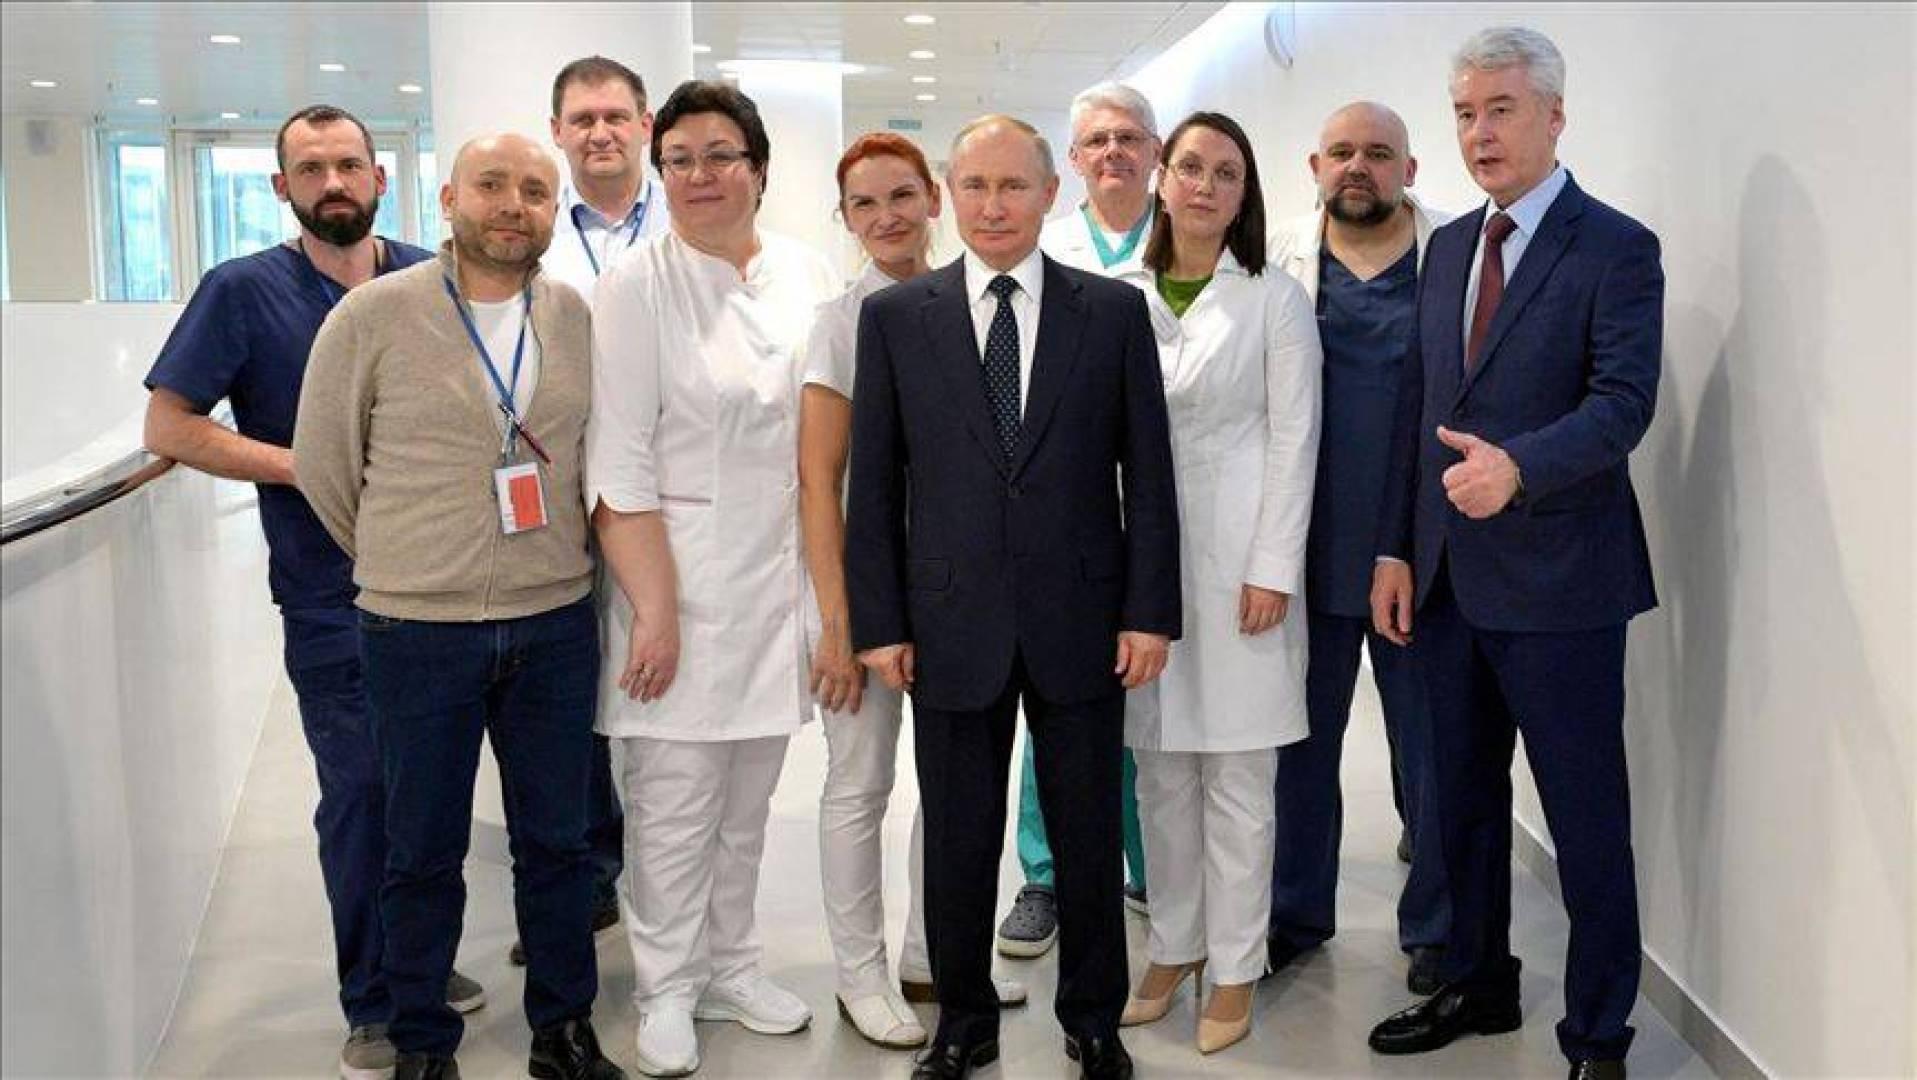 الرئيس الروسي يعلن تسجيل أول لقاح في العالم مضاد لفيروس كورونا